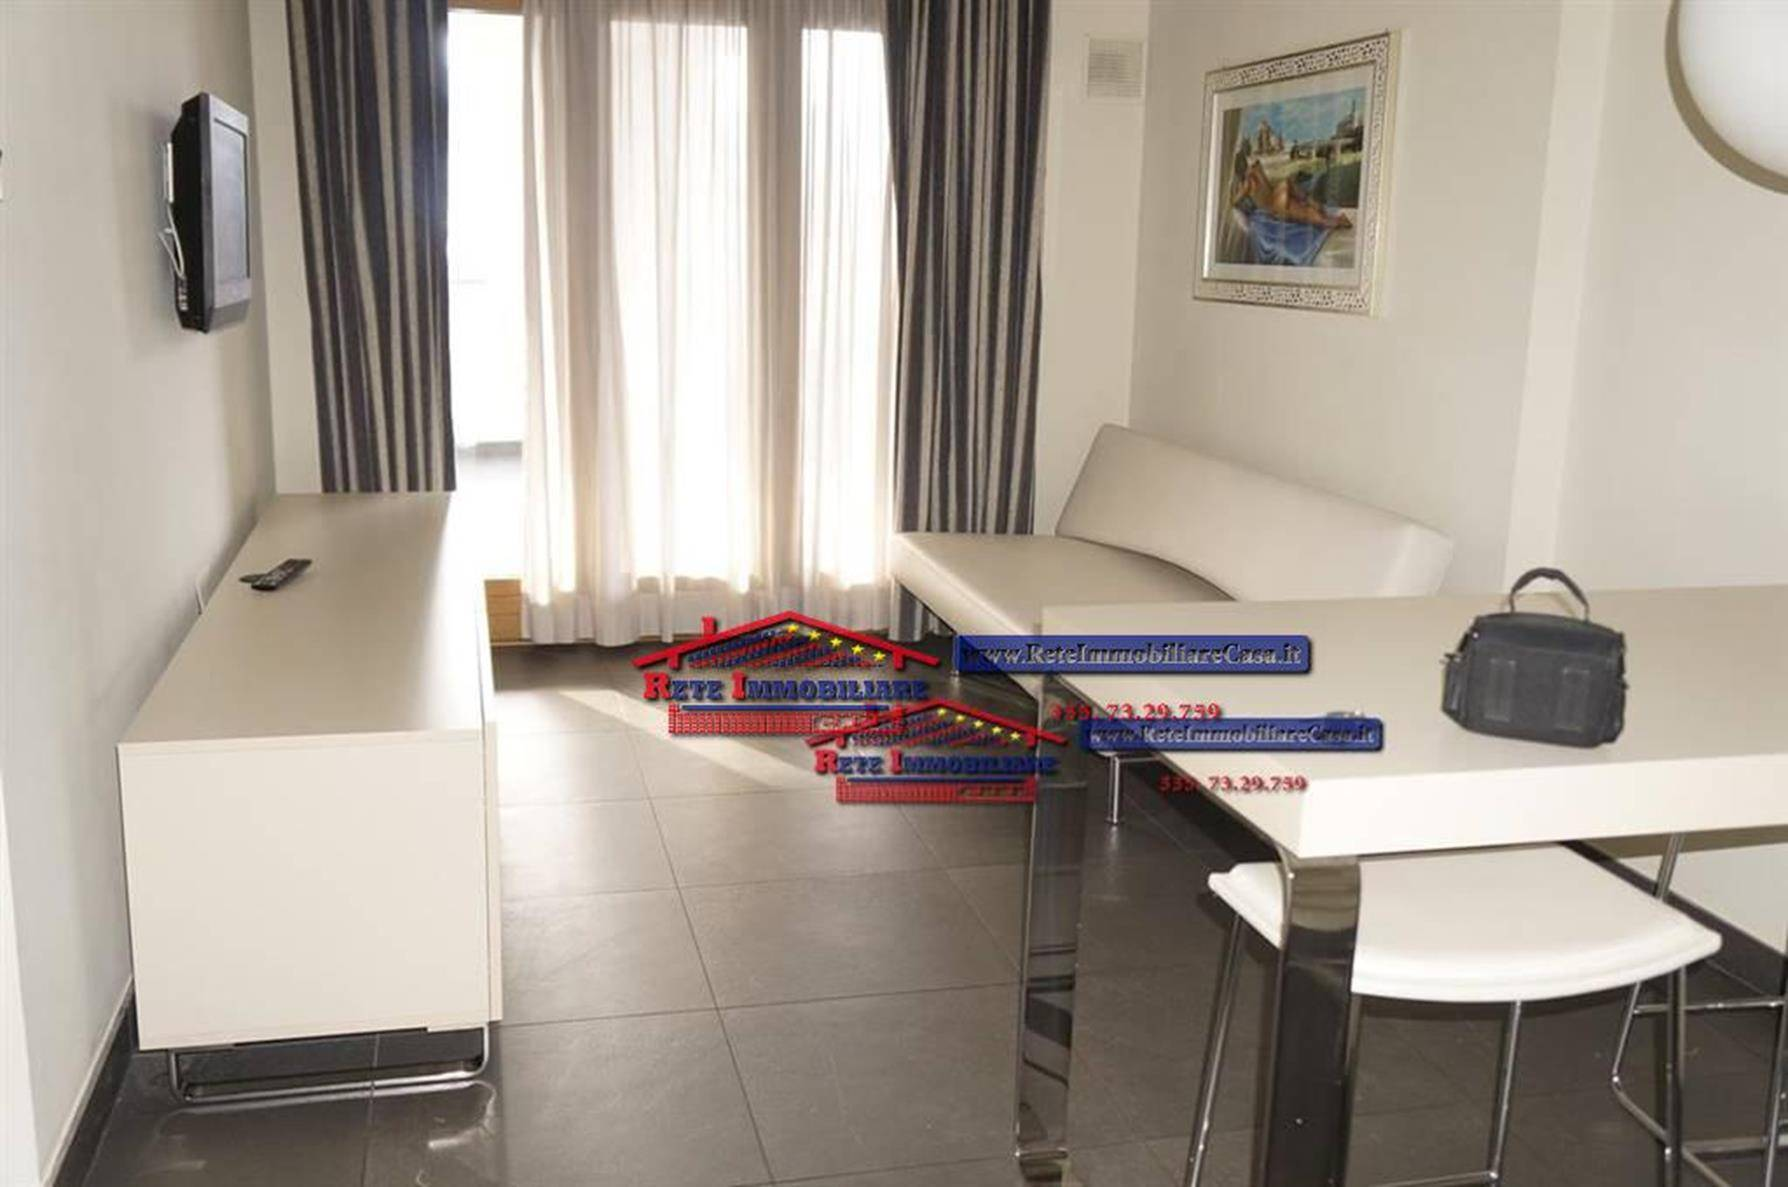 Appartamento in affitto a Cosenza, 2 locali, zona Zona: Viale Mancini, prezzo € 450   CambioCasa.it